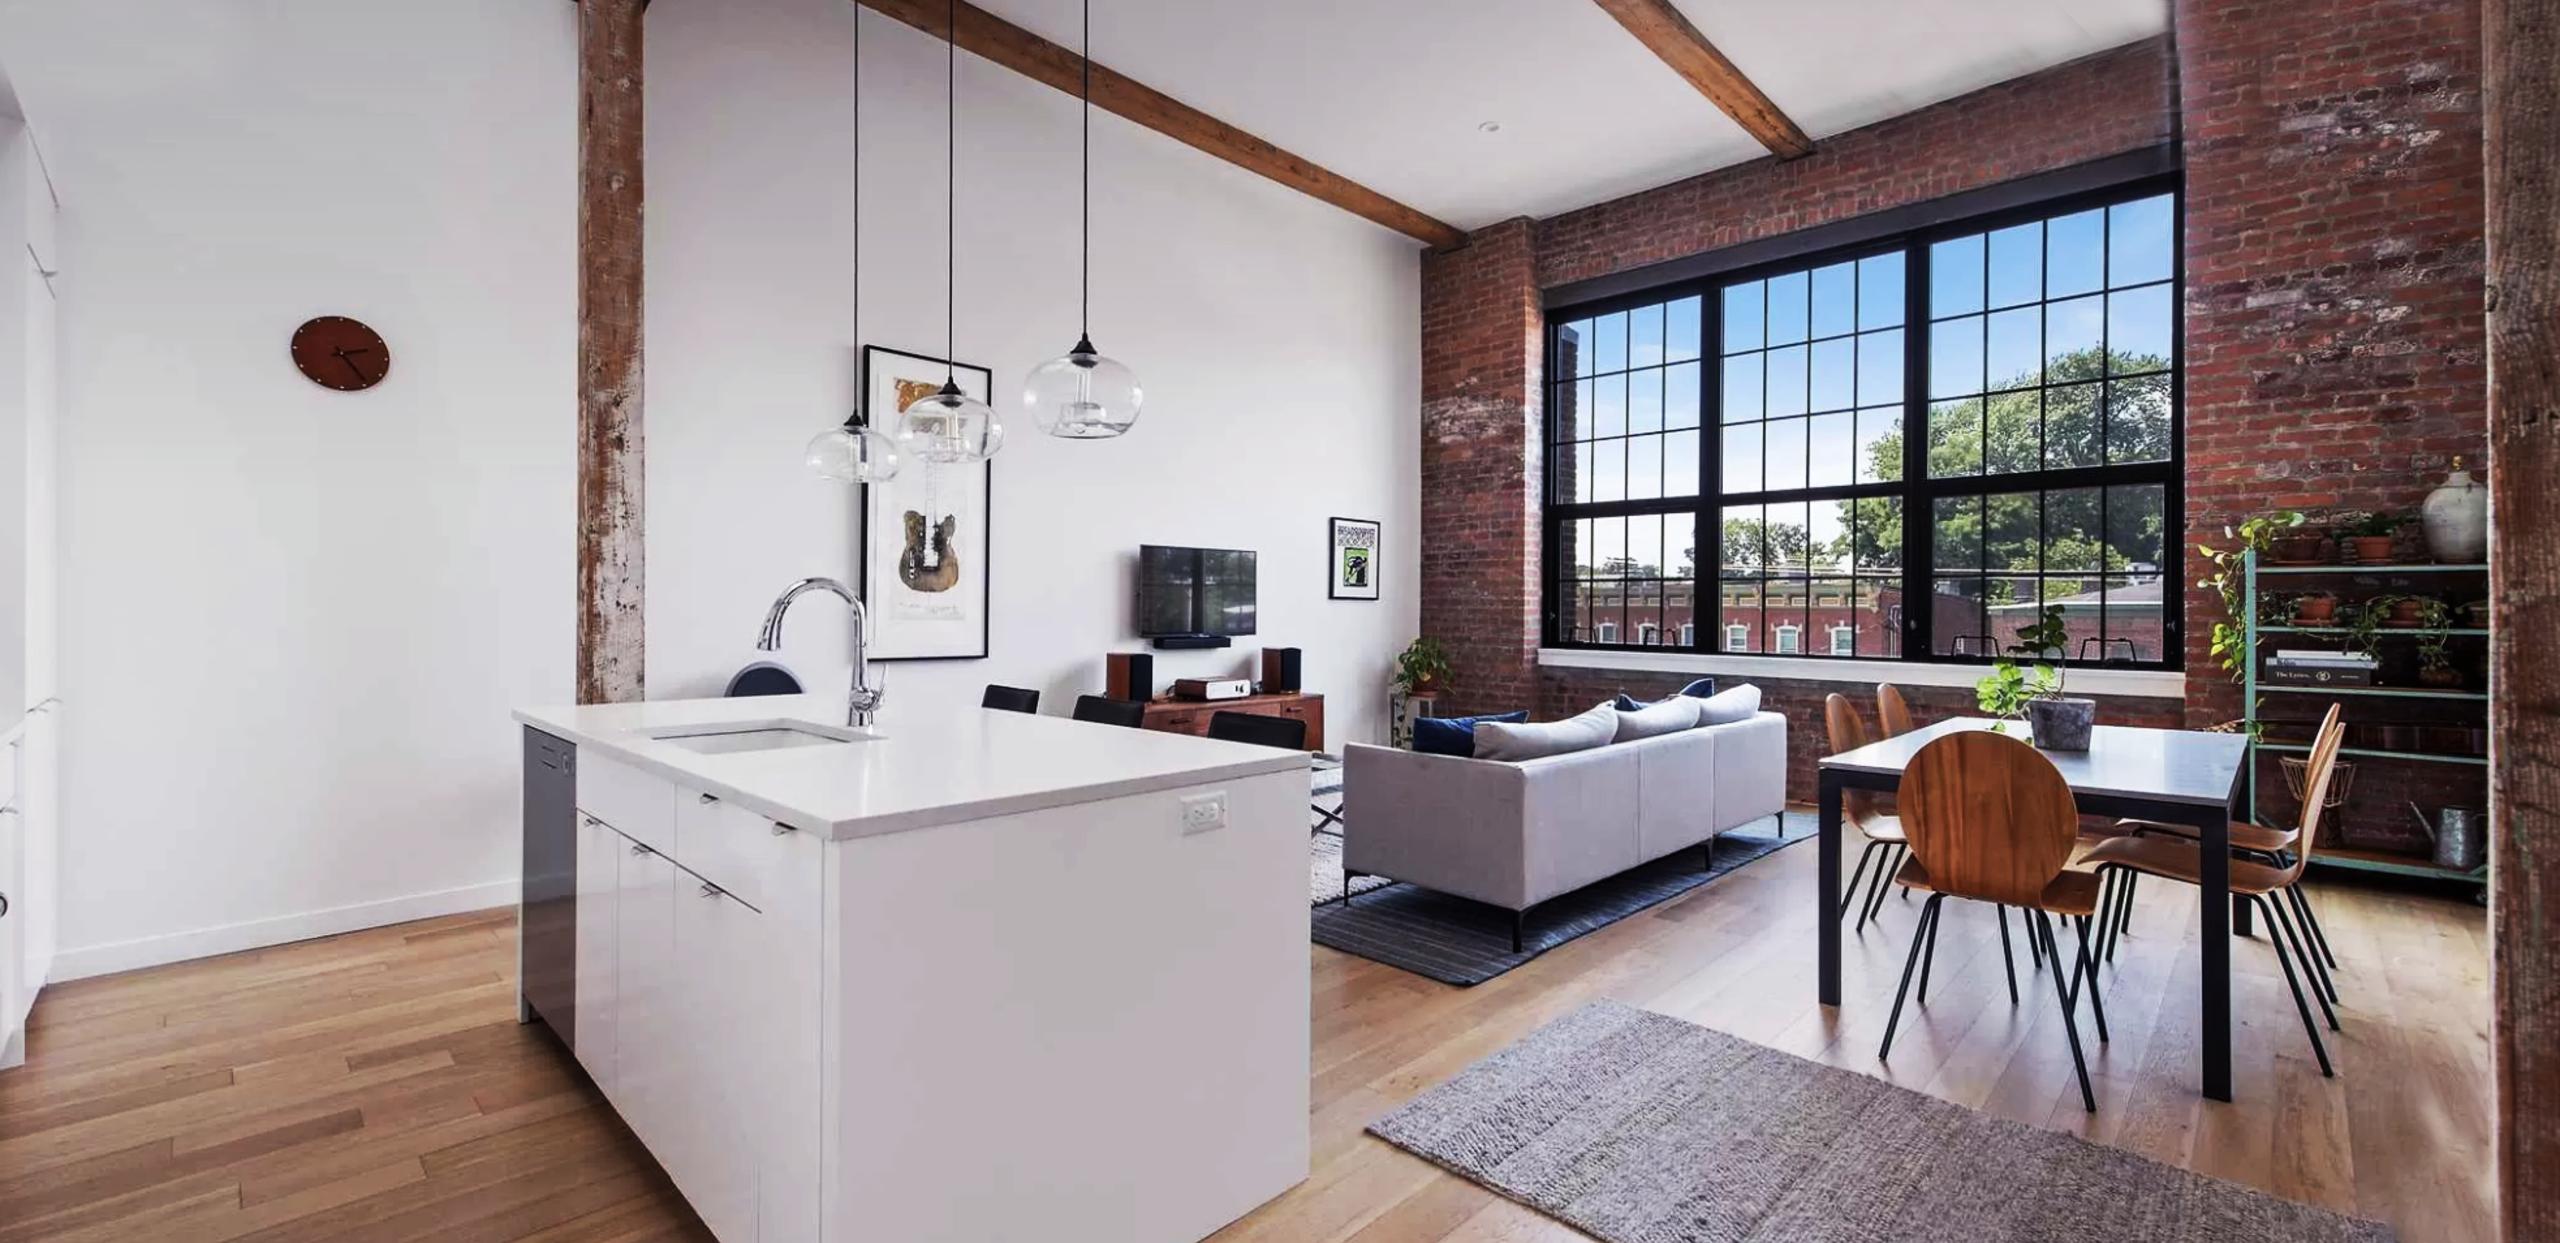 Apartments In Beacon, NY